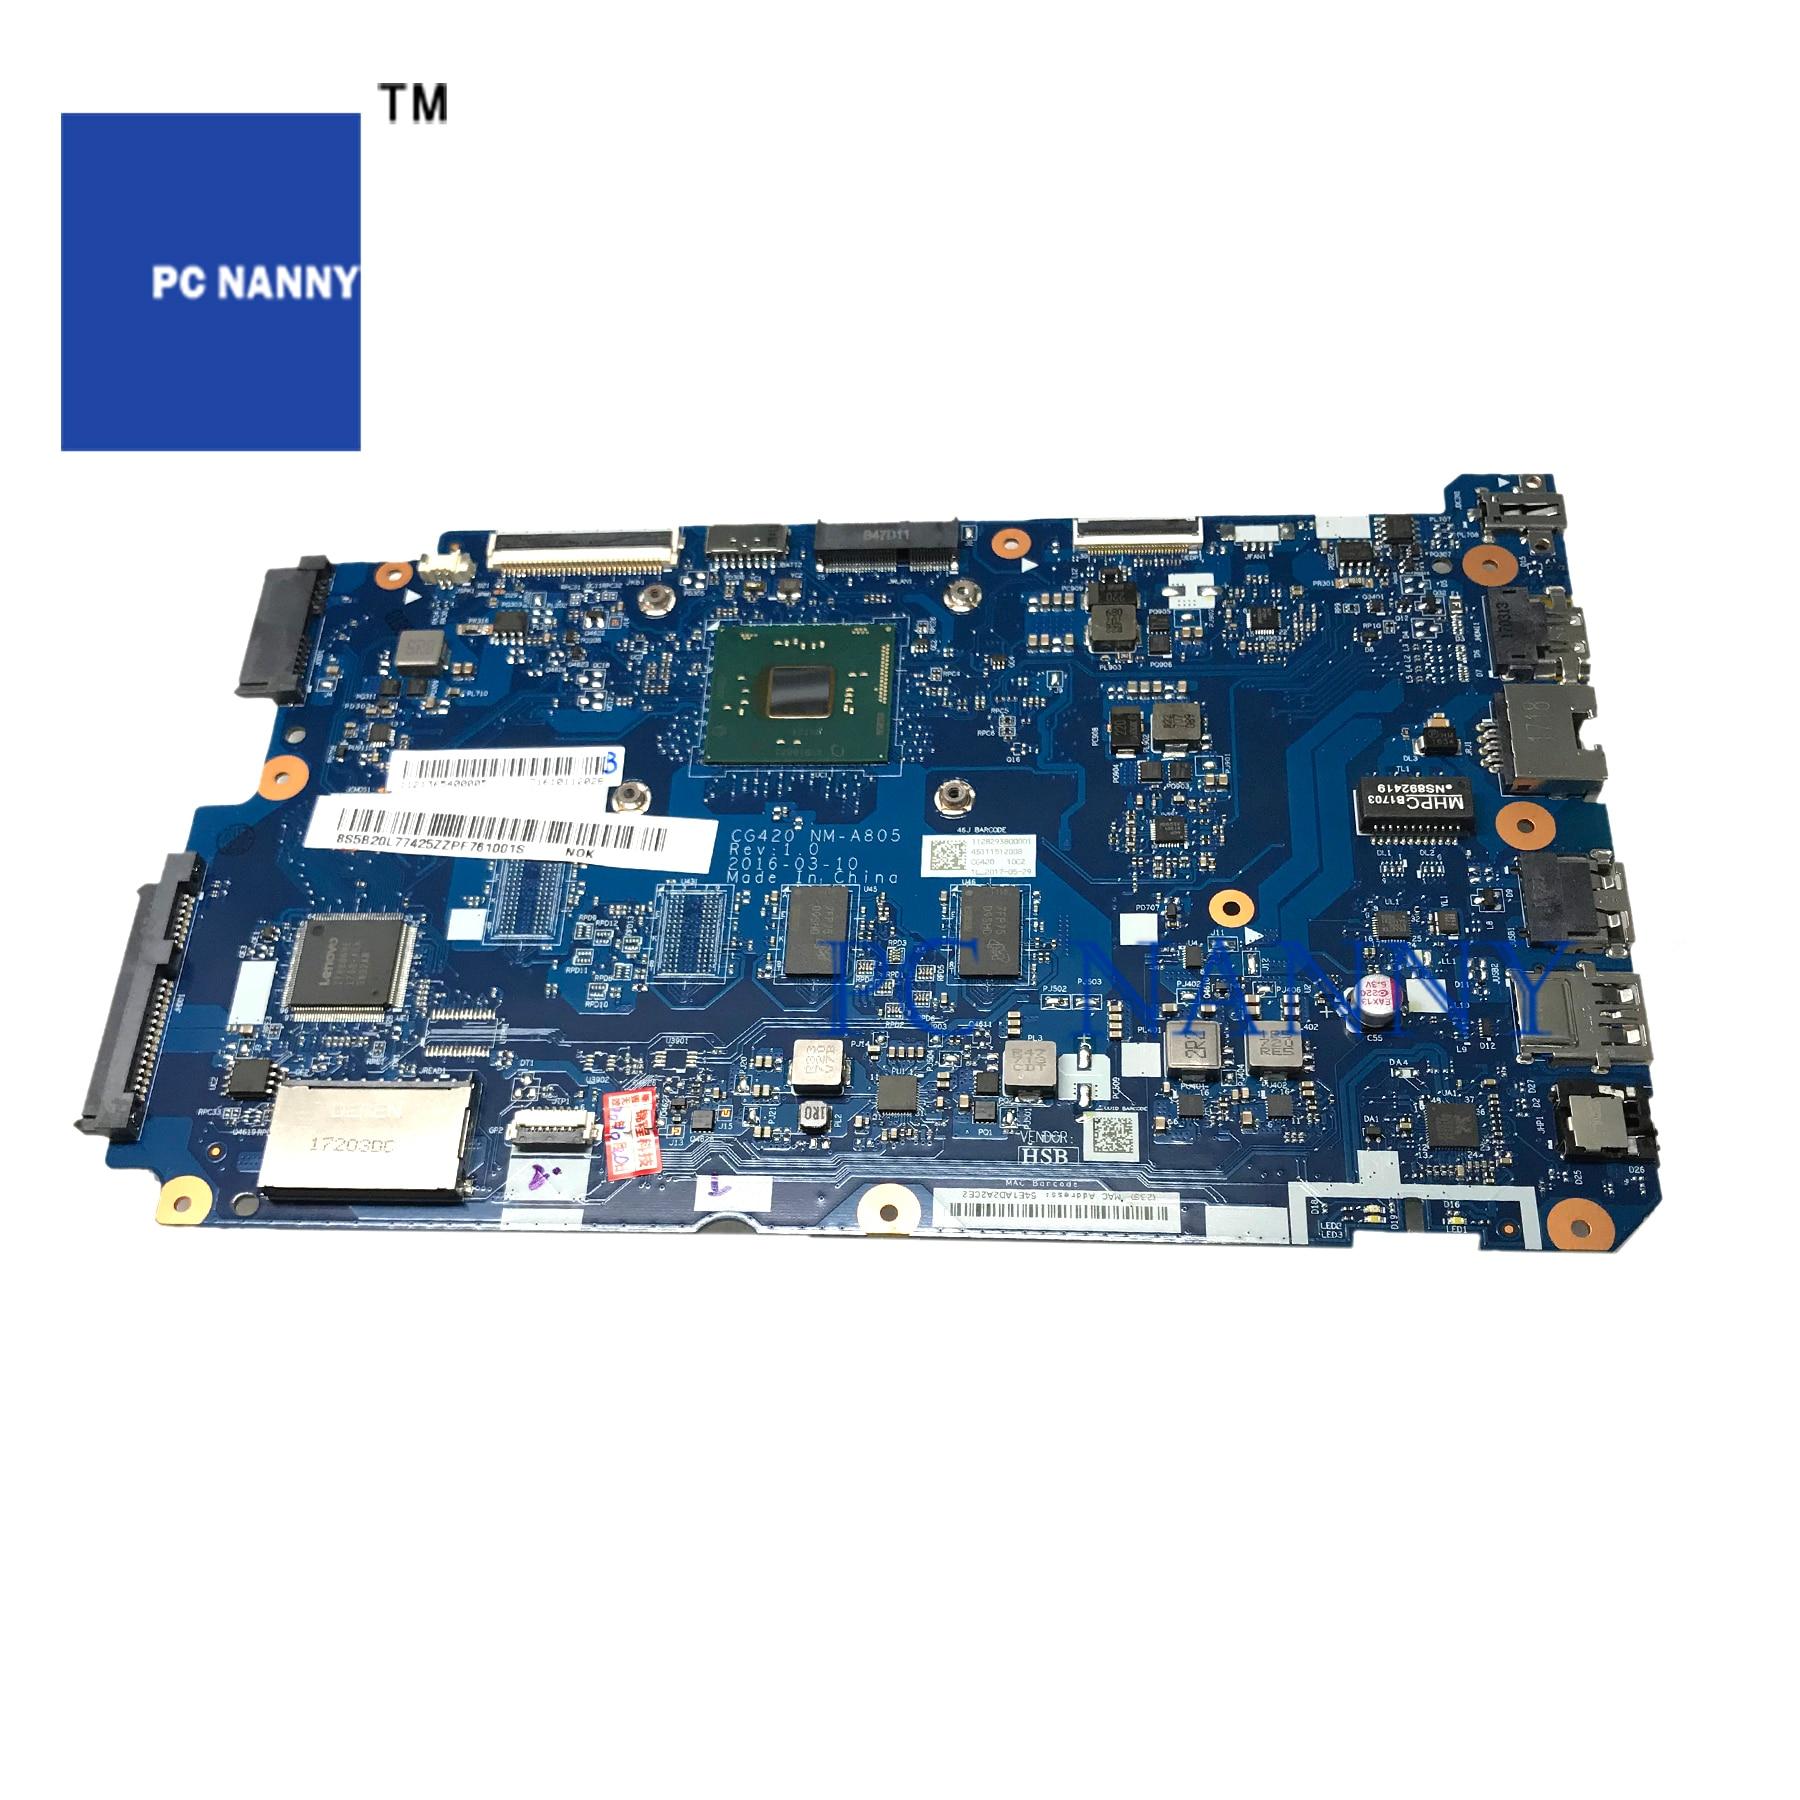 PANANNY CG420 NM-A805 لينوفو IdeaPad 110-14IBR اللوحة المحمول SR2KN N3060 1.6GHz 2G RAM DDR3 اختبار